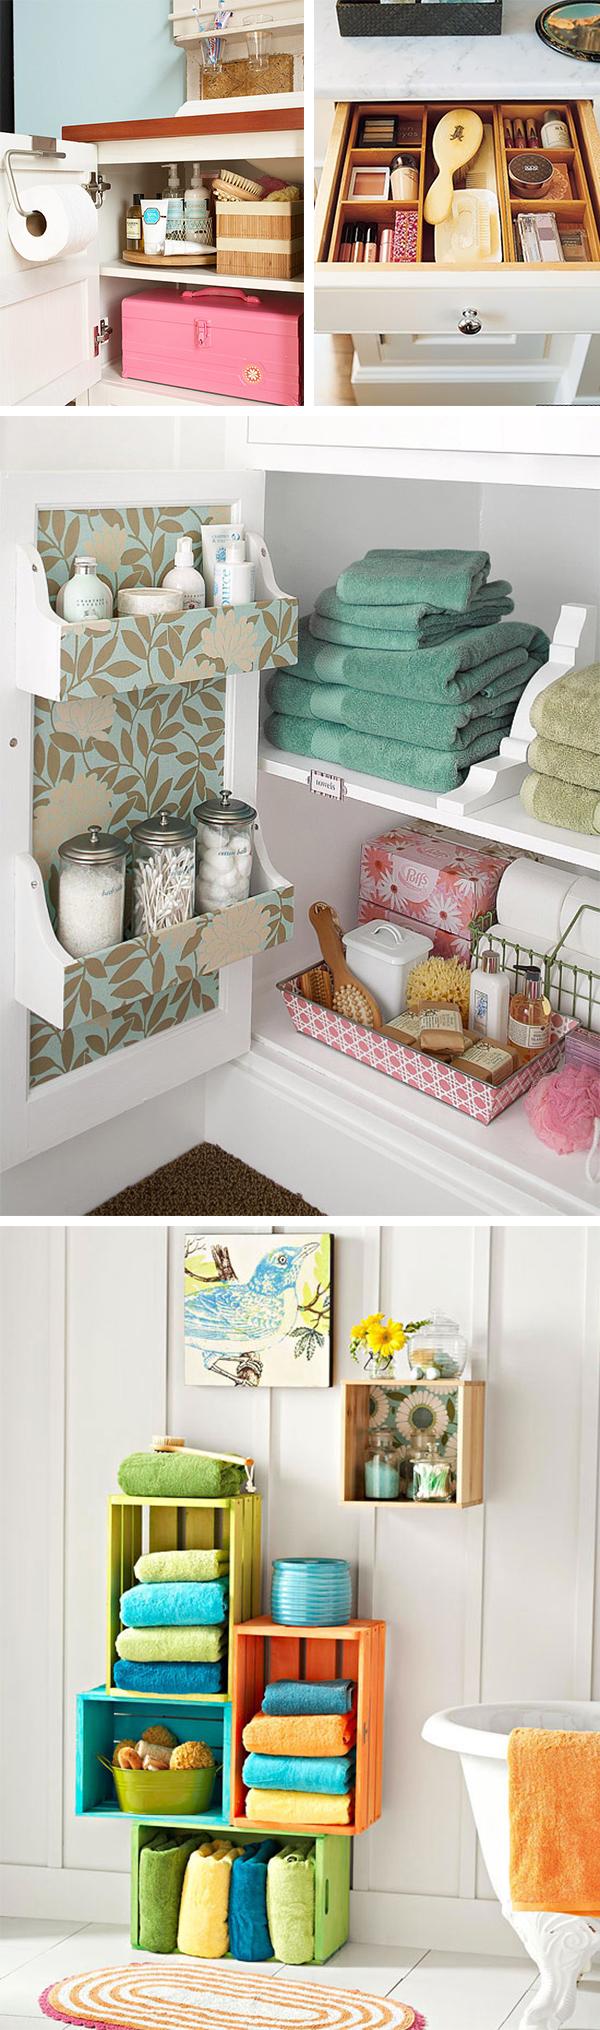 Como manter a casa organizada 5